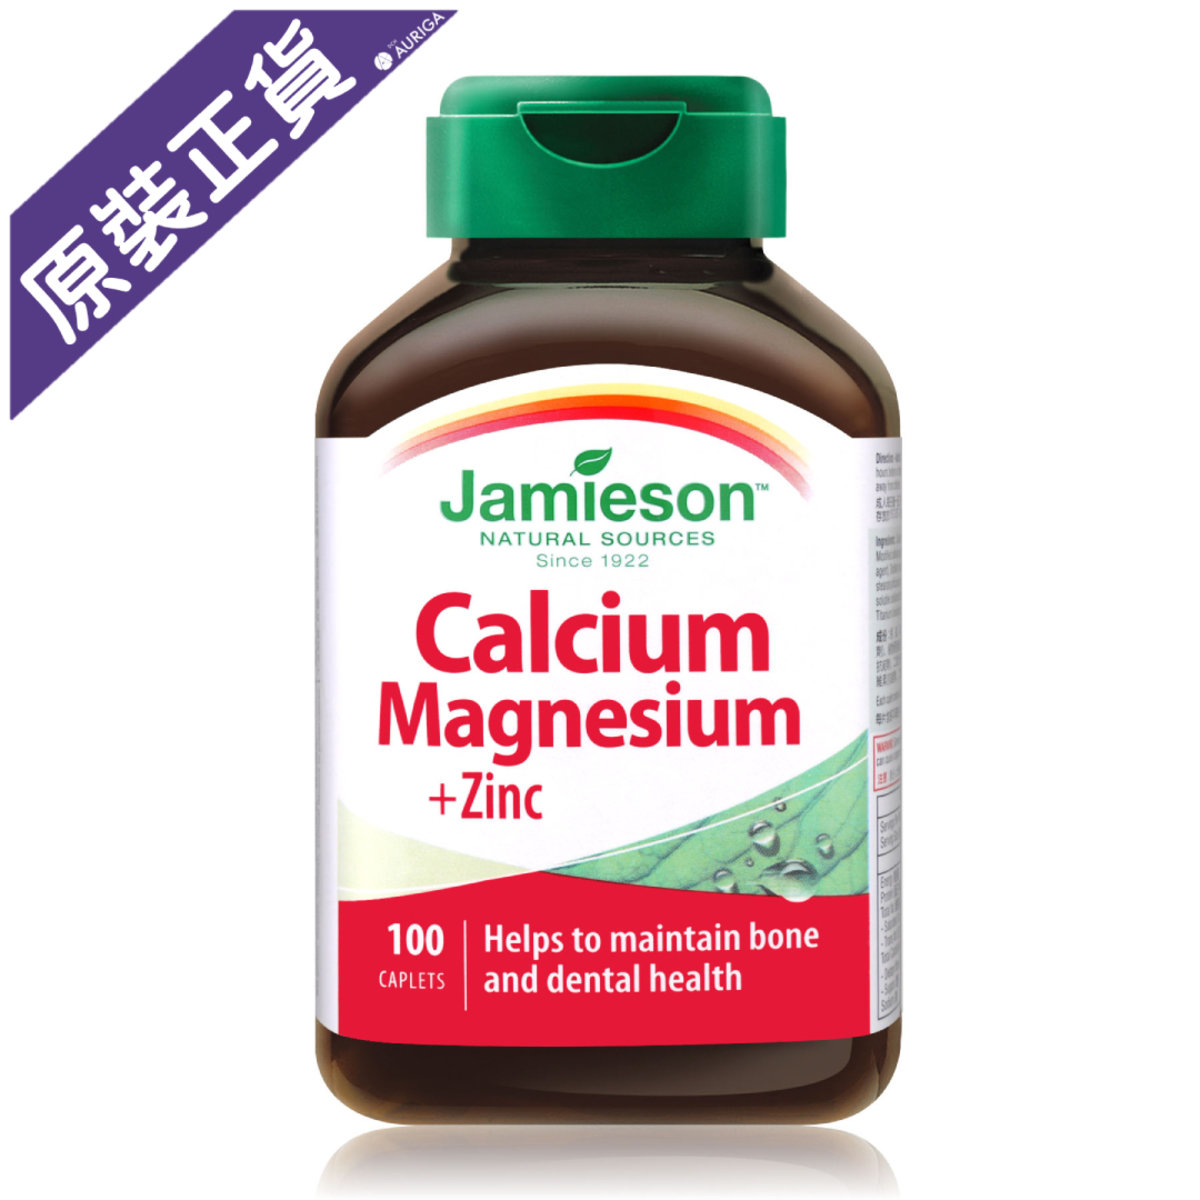 [Genuine Goods] CAL+MAGNESIUM+ZINC 100S